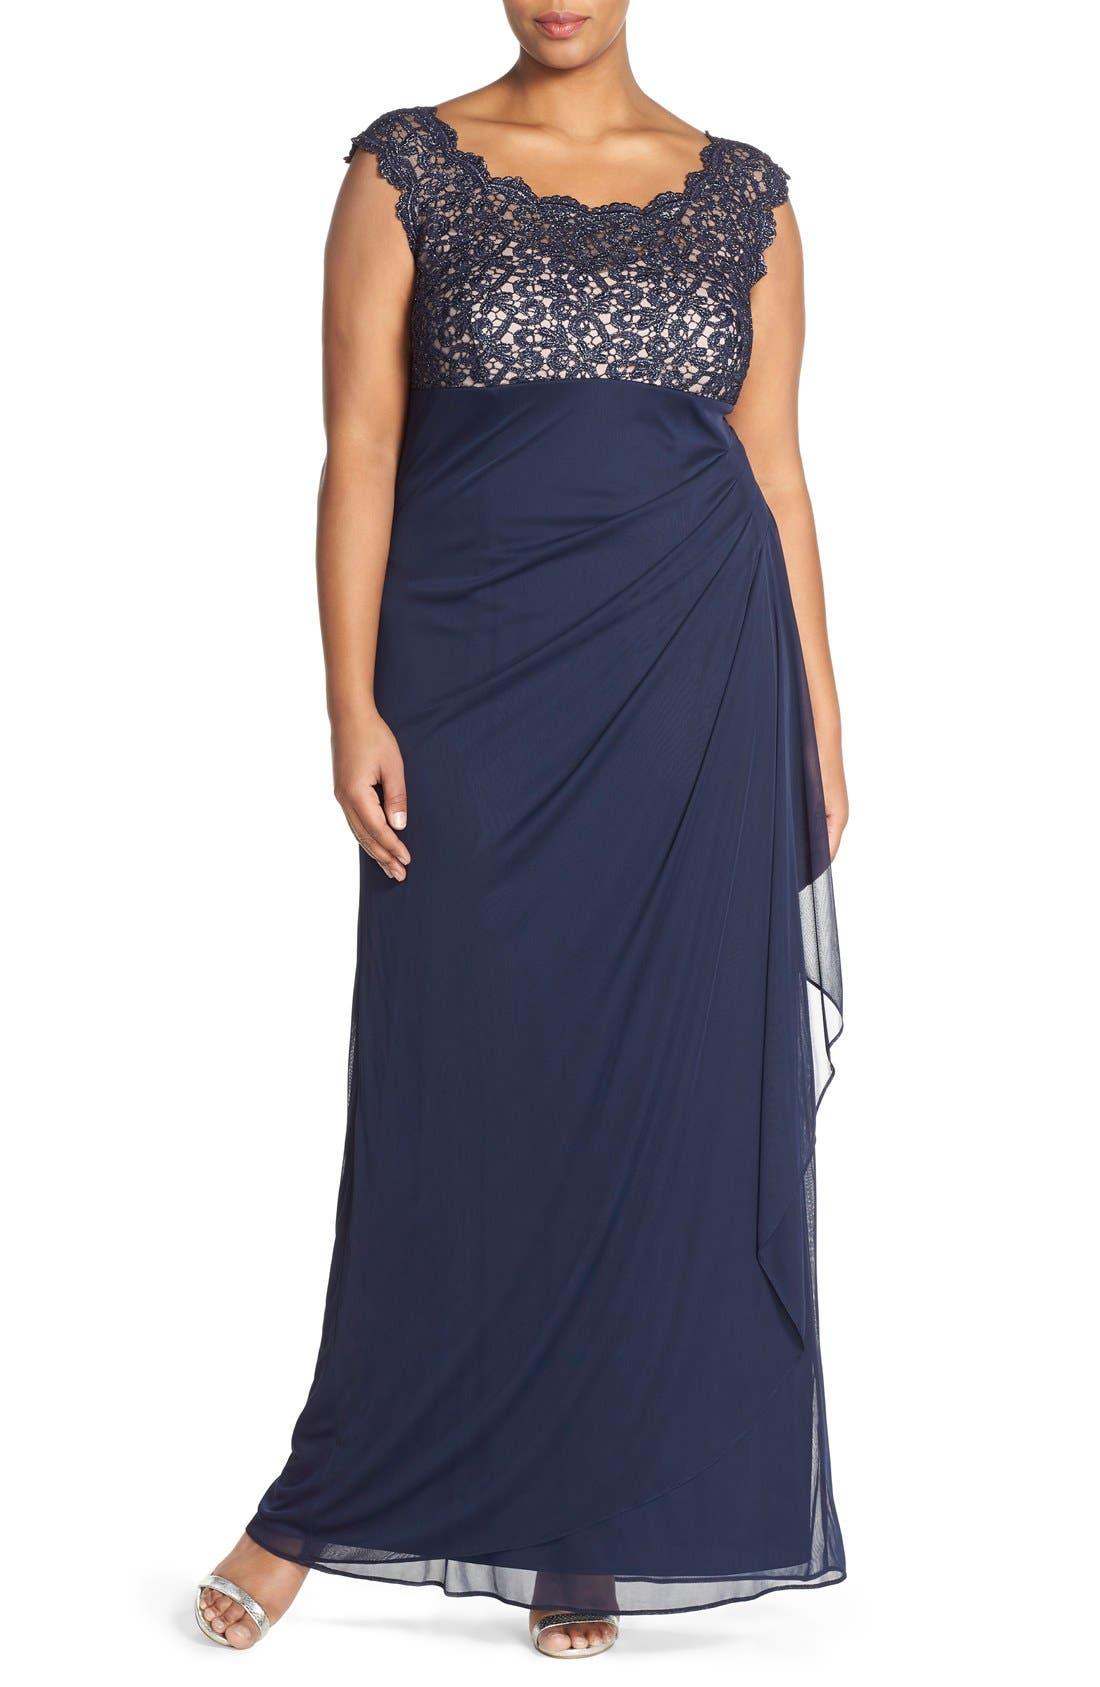 Xscape Lace Bodice Empire Gown (Plus Size)